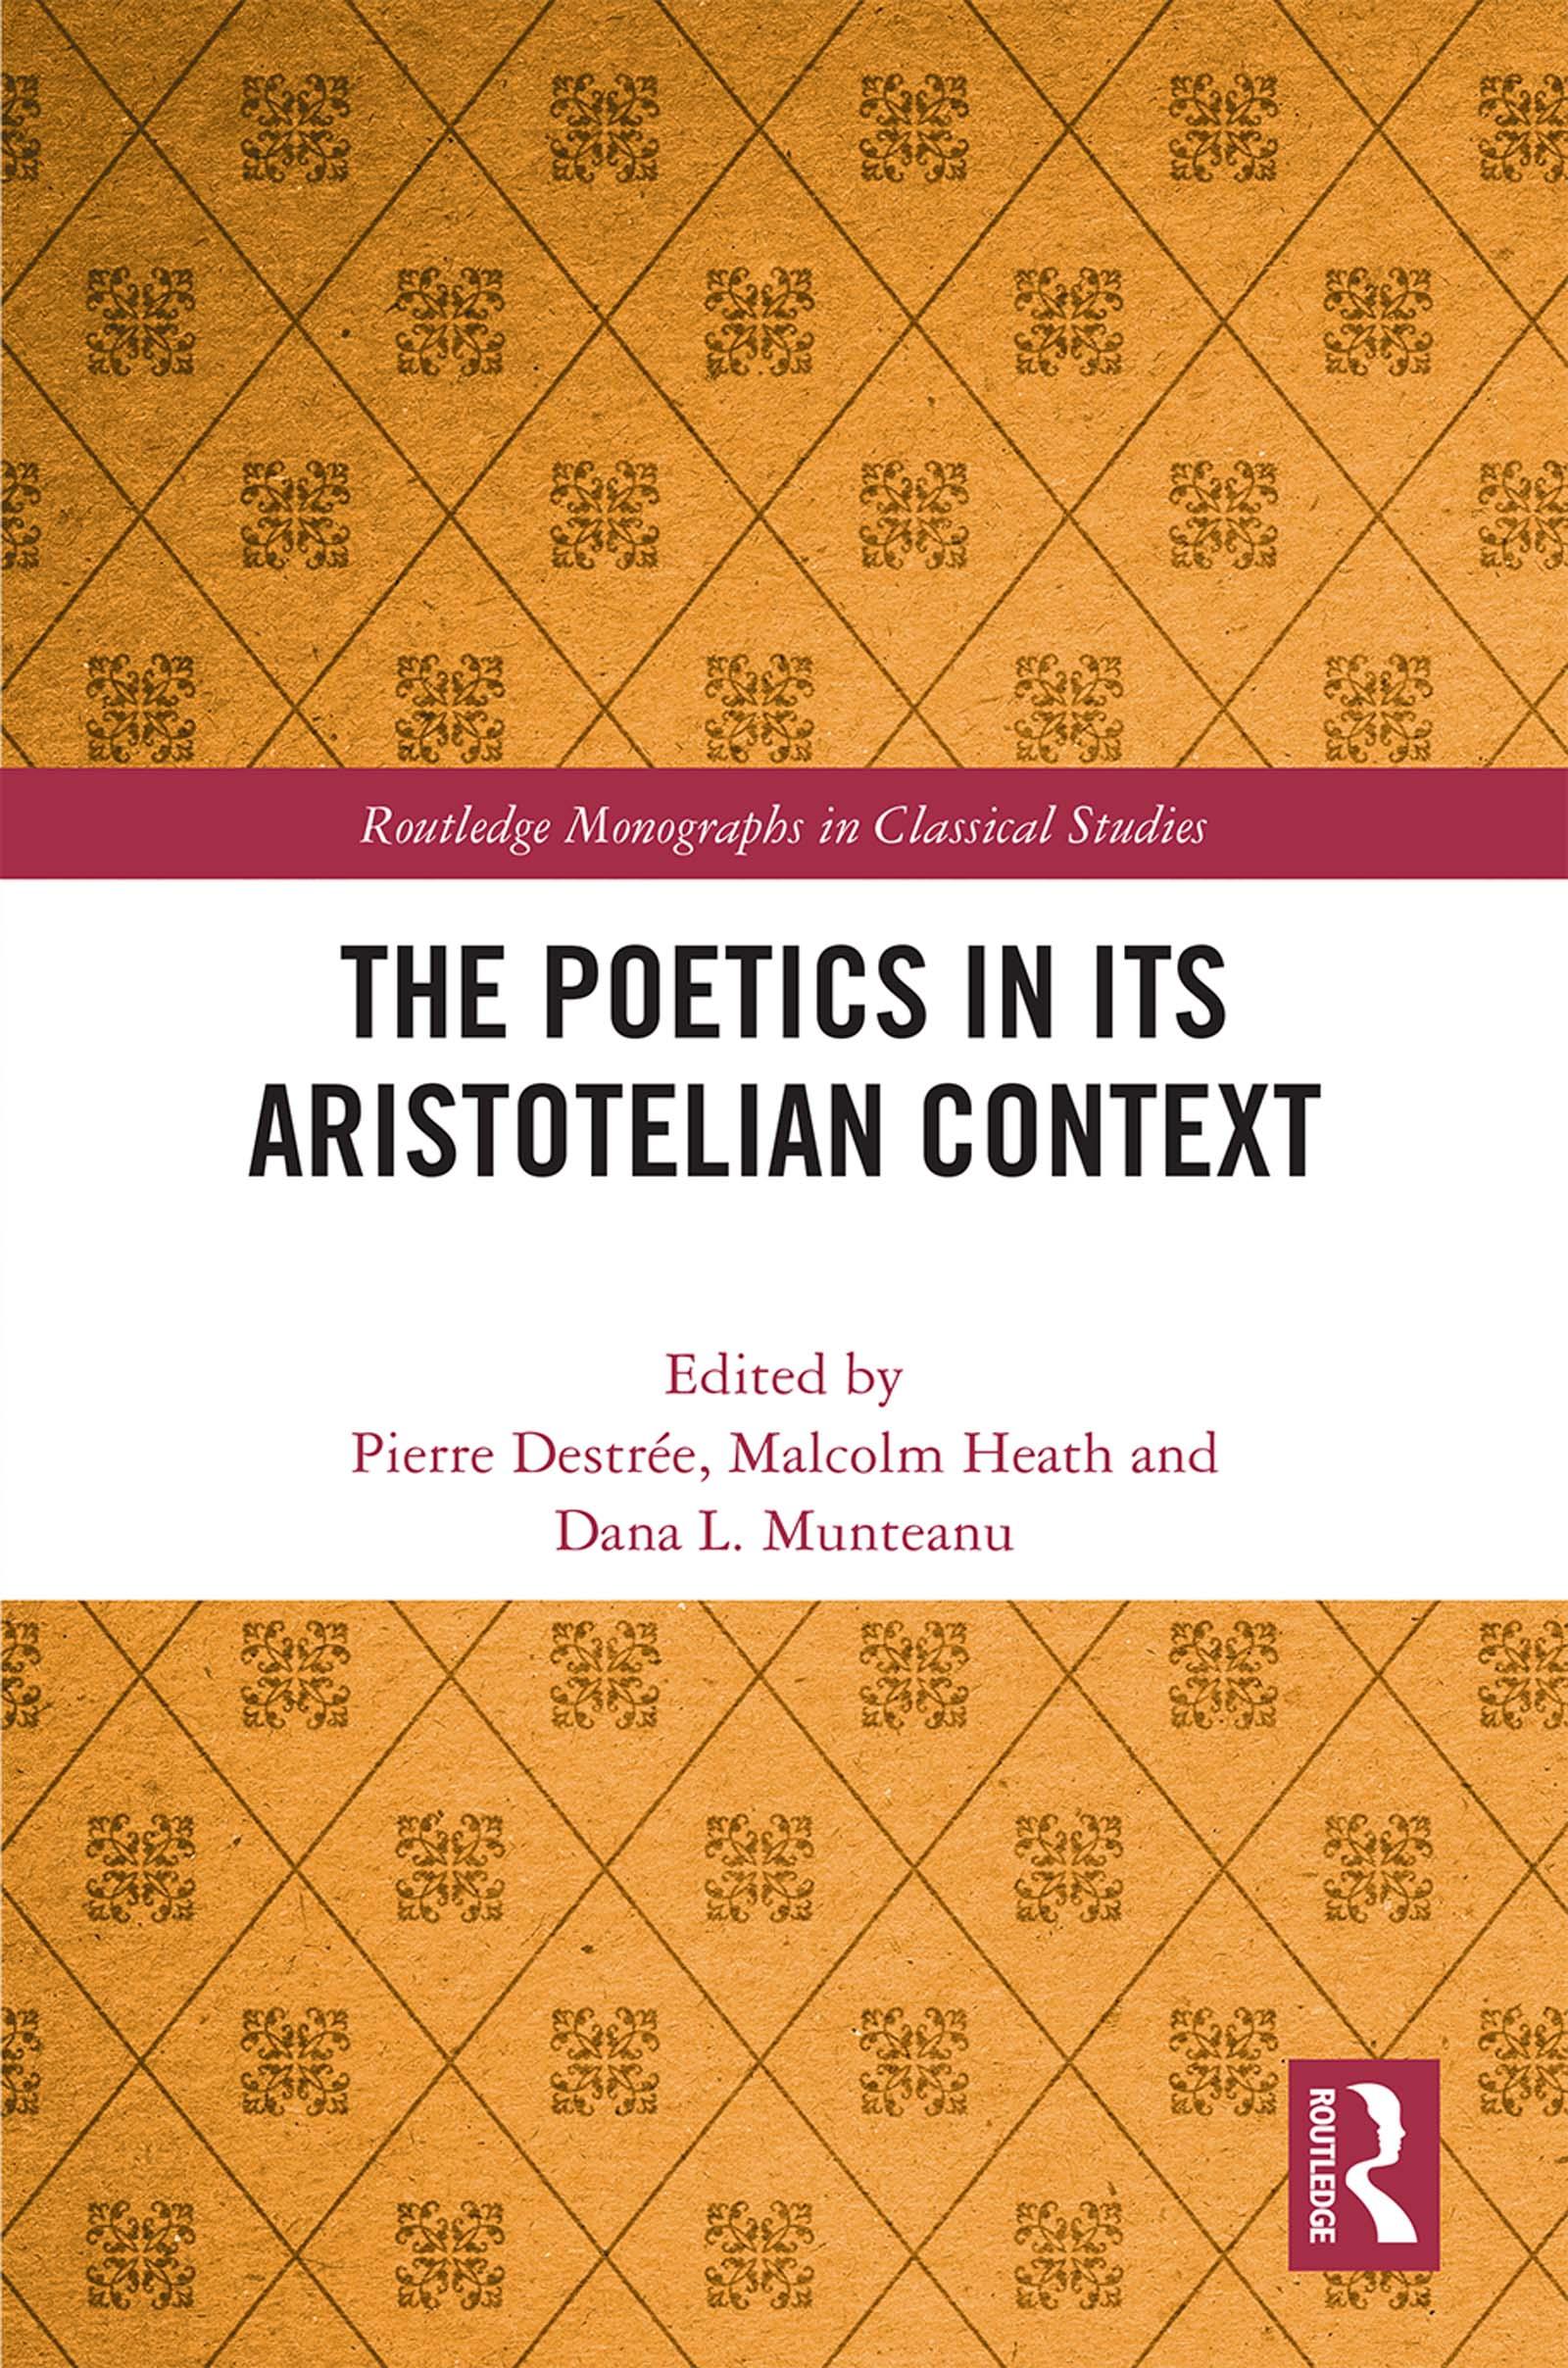 The Poetics in its Aristotelian Context